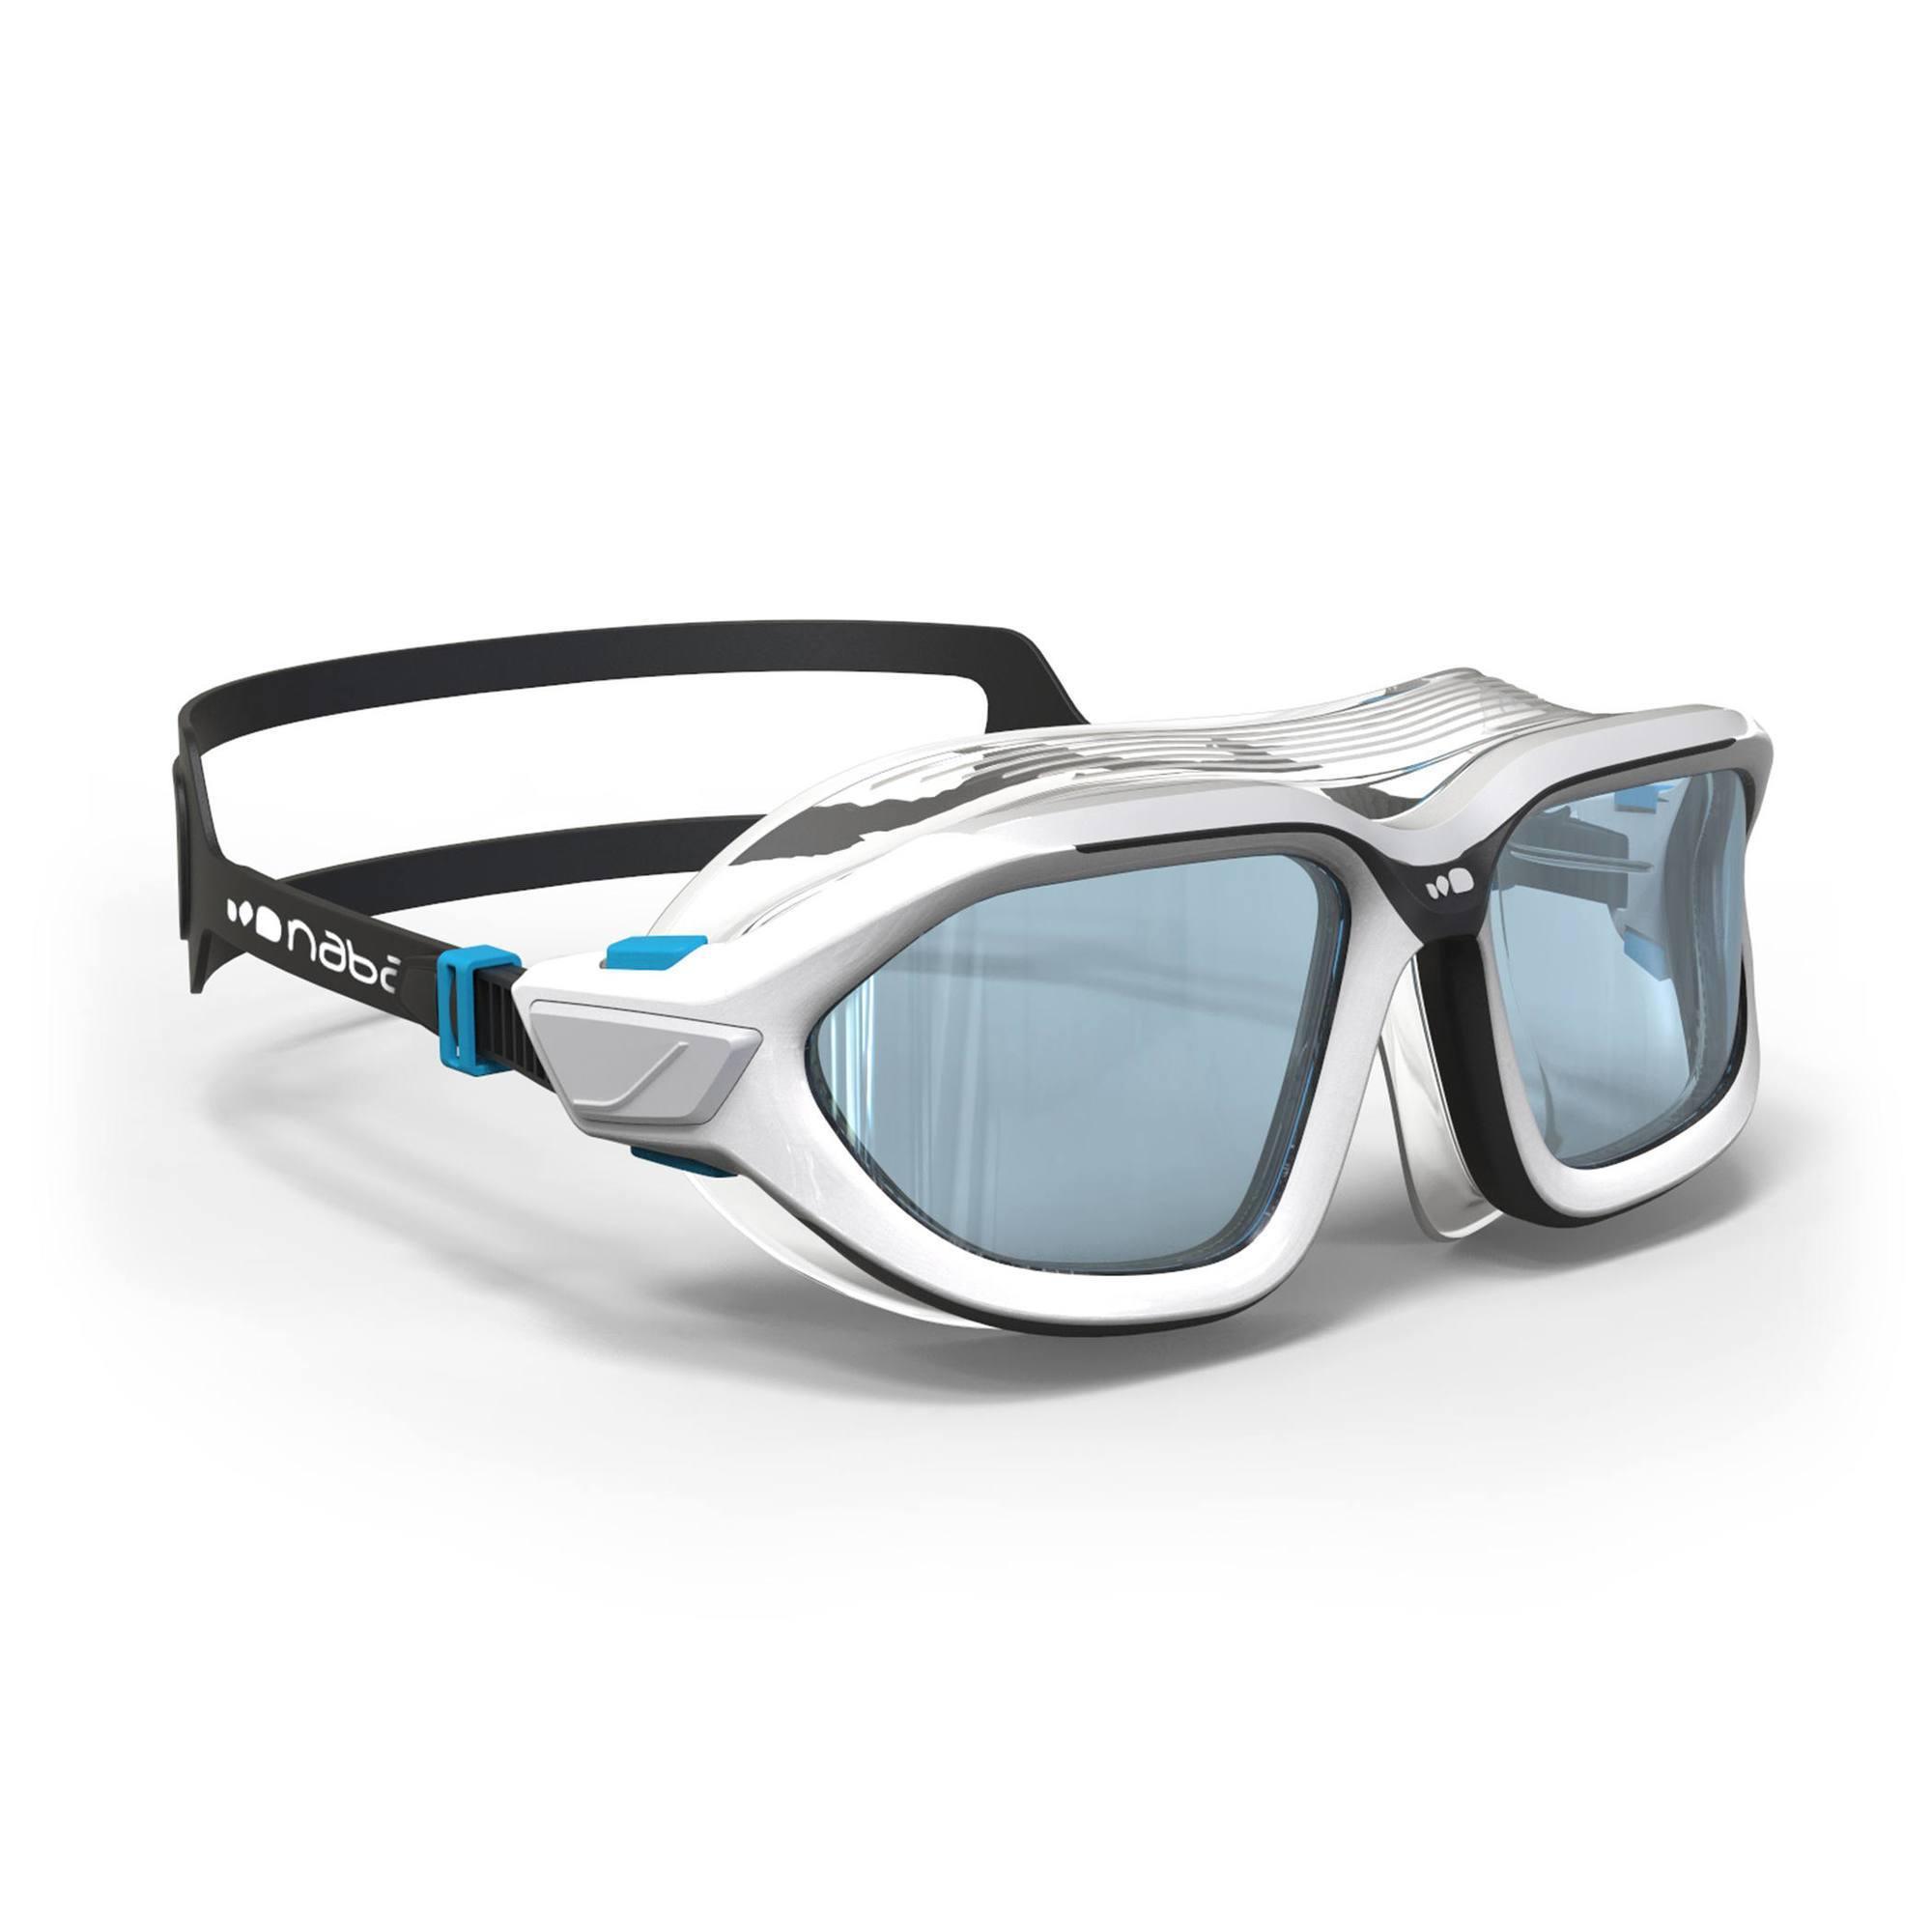 Masque de natation 500 ACTIVE taille L Blanc Gris verres clairs